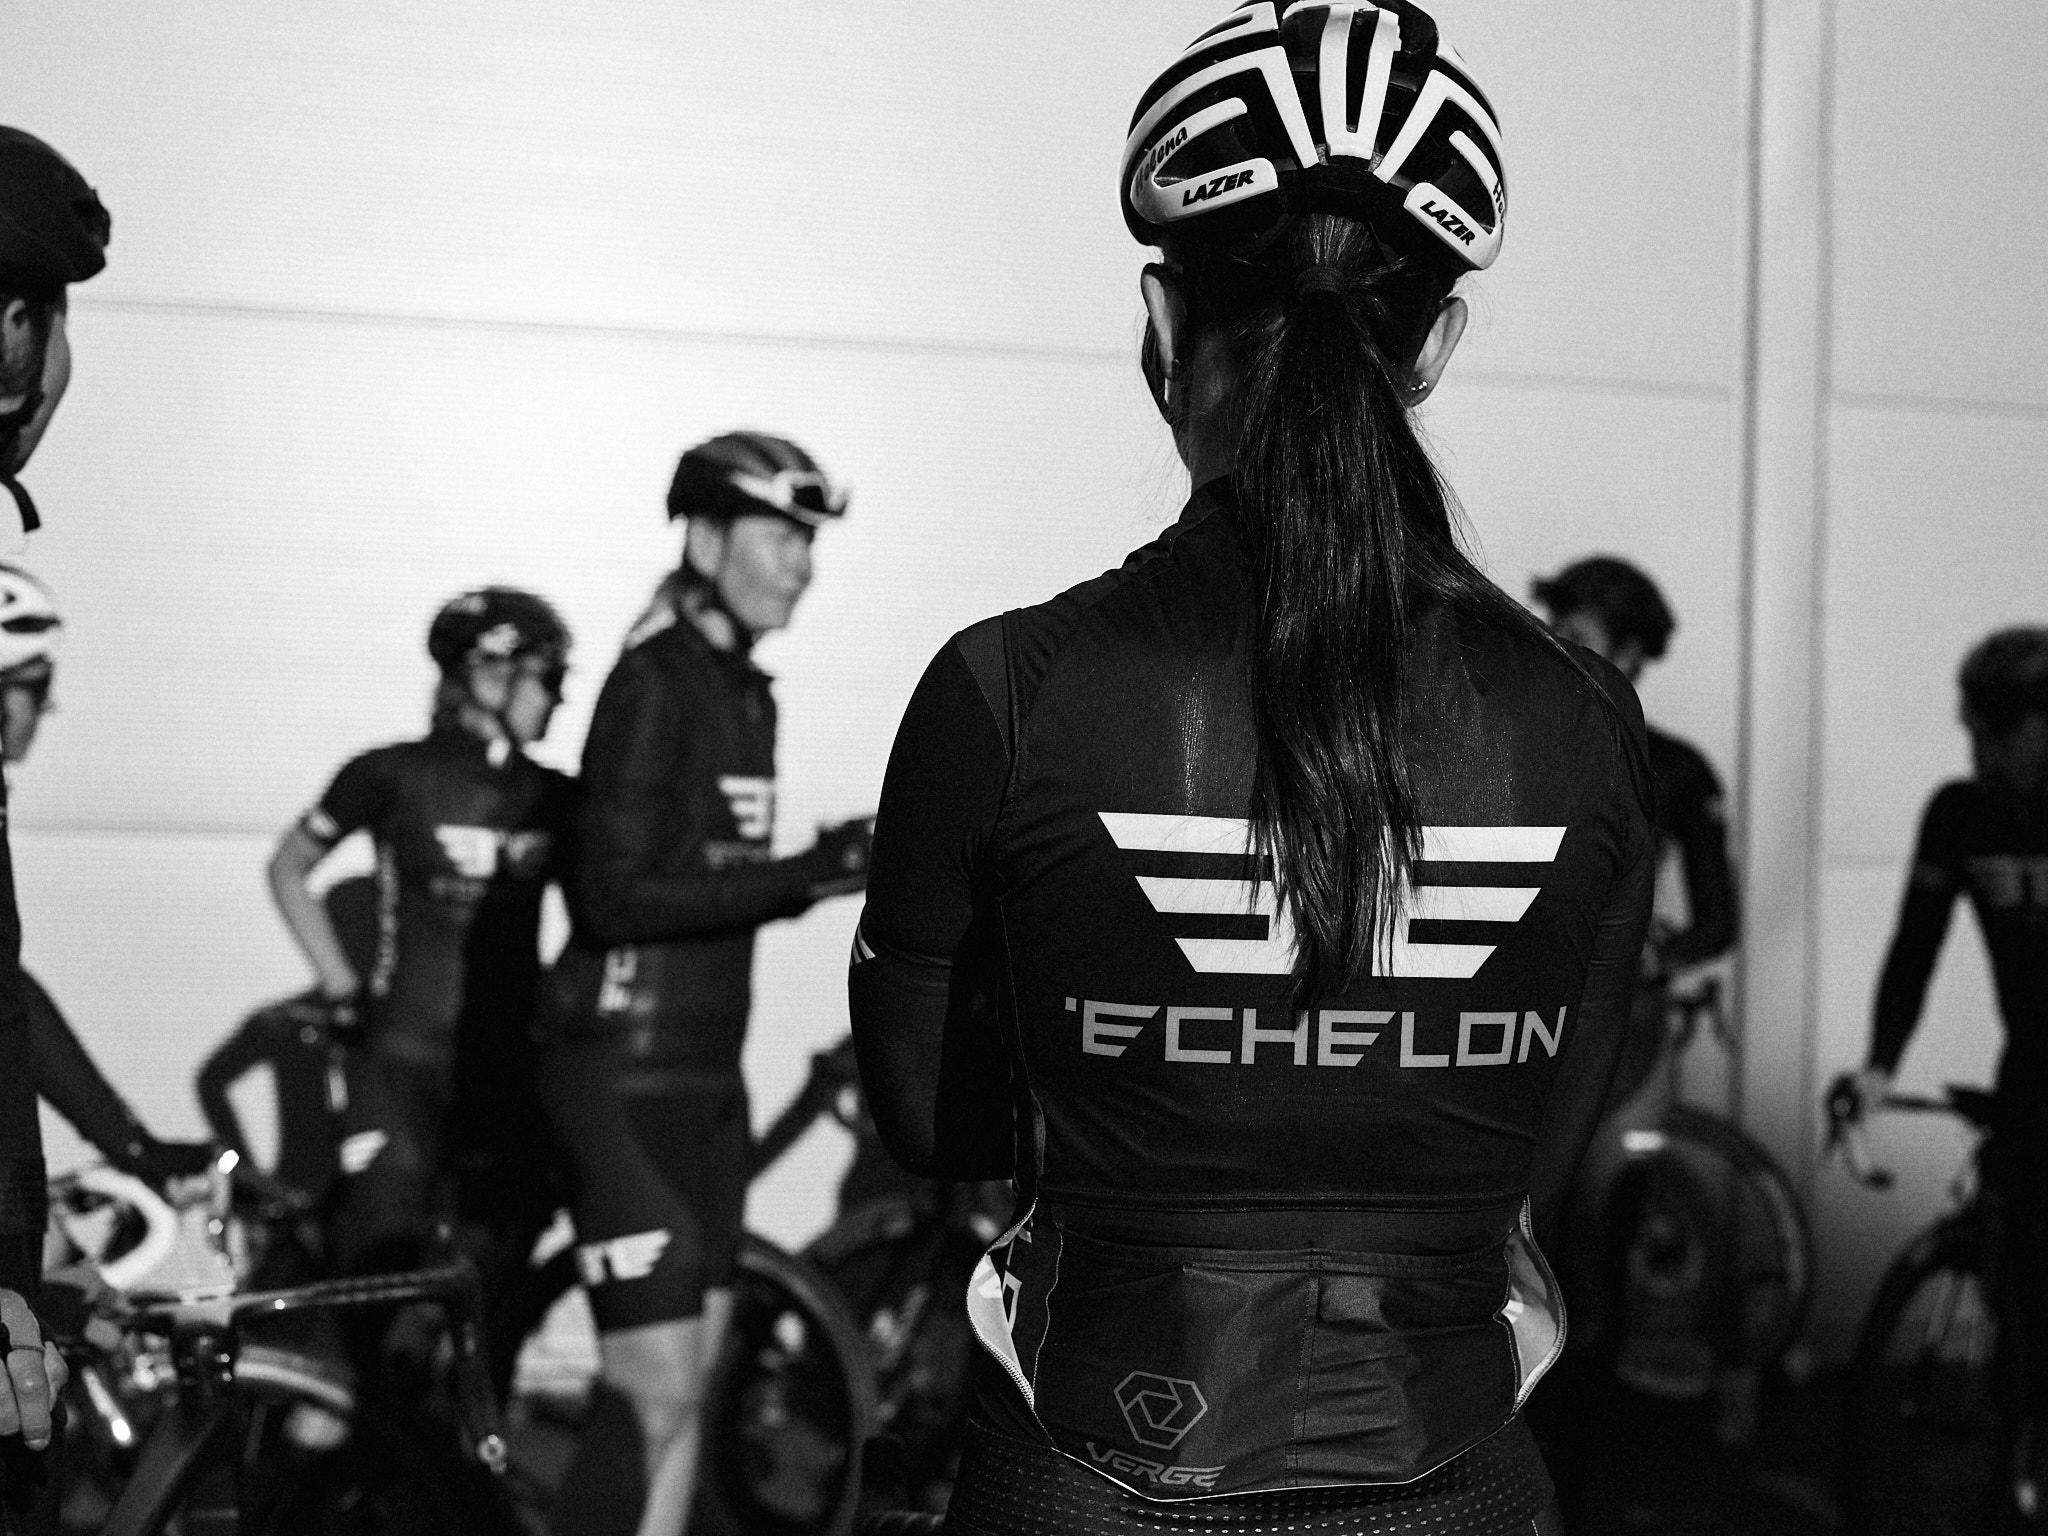 Team-L-Echelon-9 1.jpg